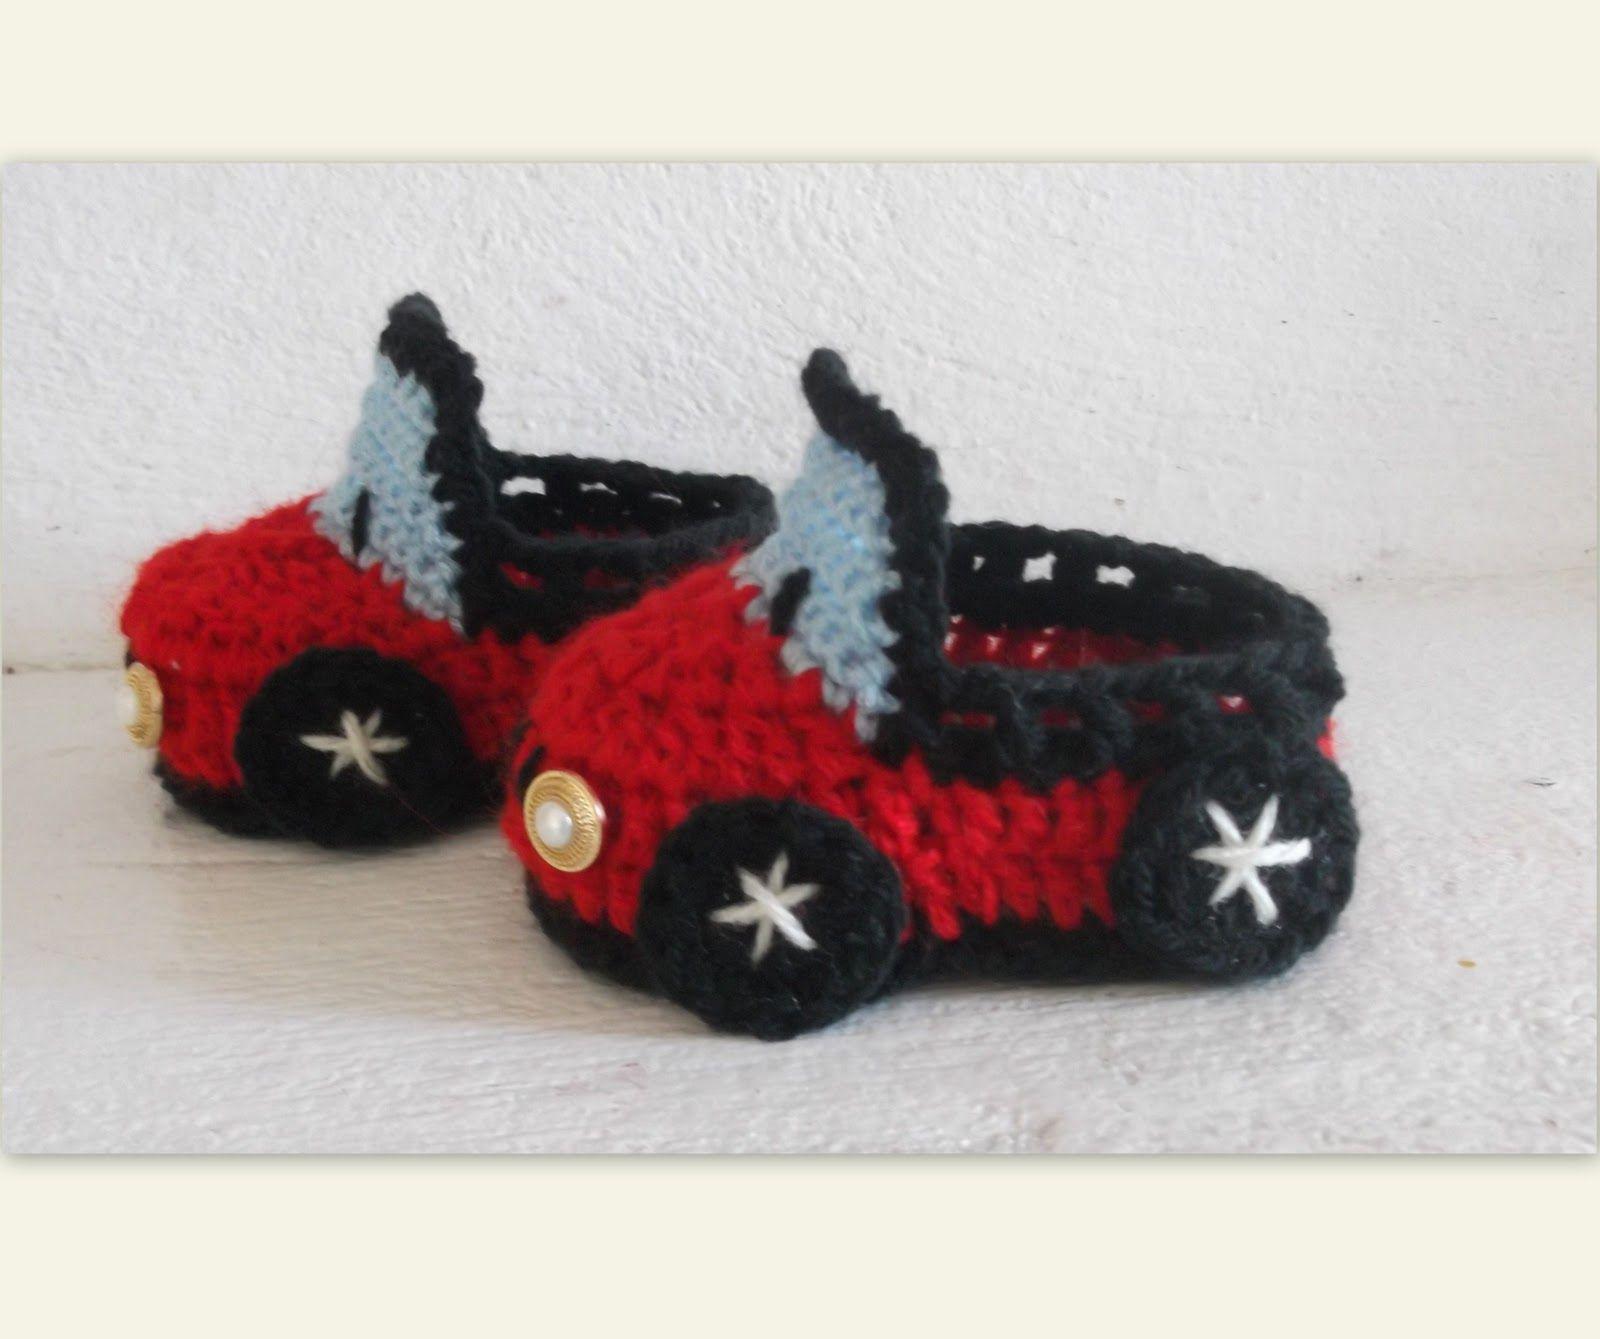 free baby boot pattern crochet | Free Crochet Baby Booty & Sock ...